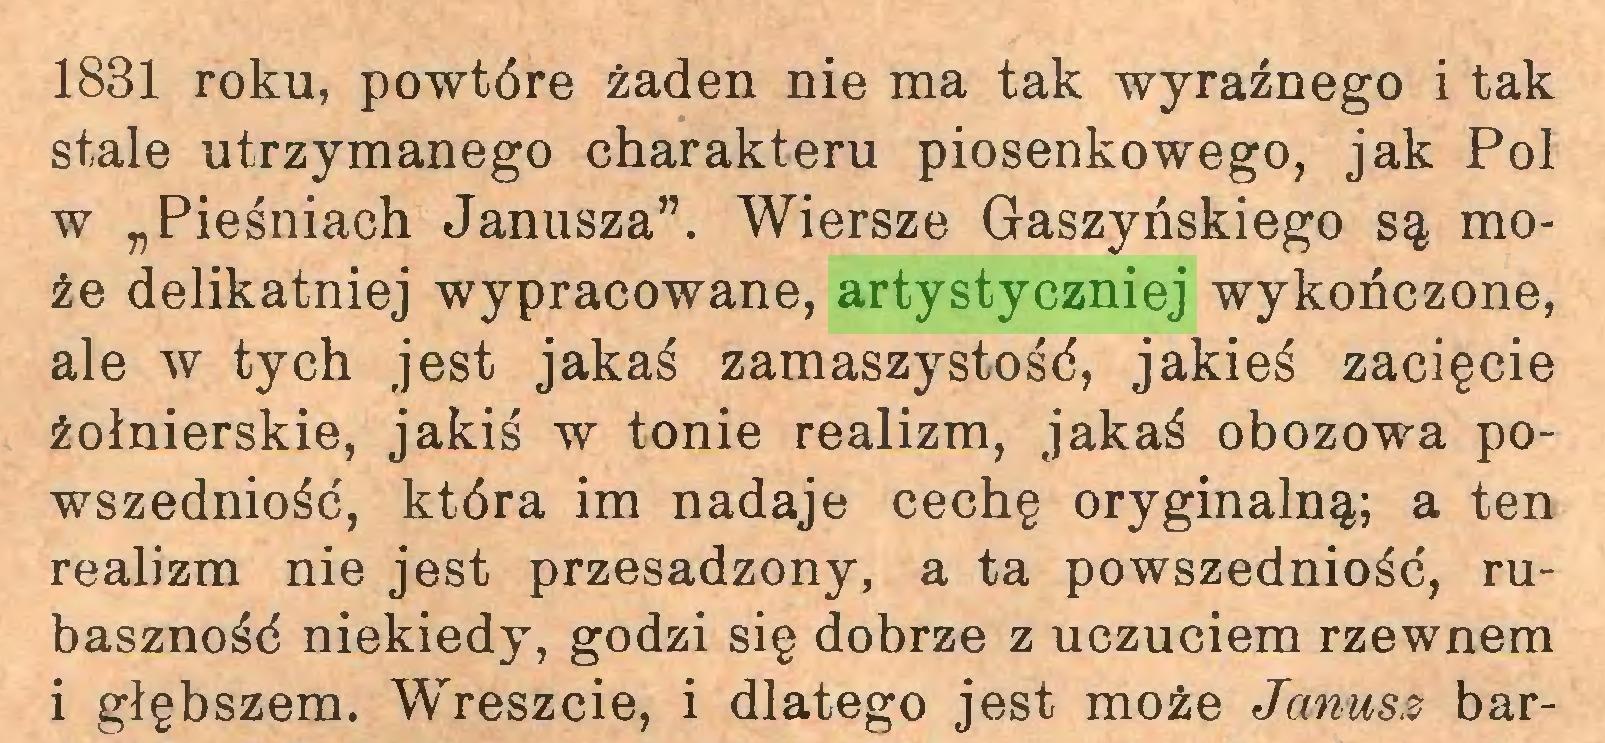 """(...) 1831 roku, powtóre żaden nie ma tak wyraźnego i tak stale utrzymanego charakteru piosenkowego, jak Pol w """"Pieśniach Janusza"""". Wiersze Gaszyńskiego są może delikatniej wypracowane, artystyczniej wykończone, ale w tych jest jakaś zamaszystość, jakieś zacięcie żołnierskie, jakiś w tonie realizm, jakaś obozowa powszedniość, która im nadaje cechę oryginalną; a ten realizm nie jest przesadzony, a ta powszedniość, rubaszność niekiedy, godzi się dobrze z uczuciem rzewnem i głębszem. Wreszcie, i dlatego jest może Janusz bar..."""